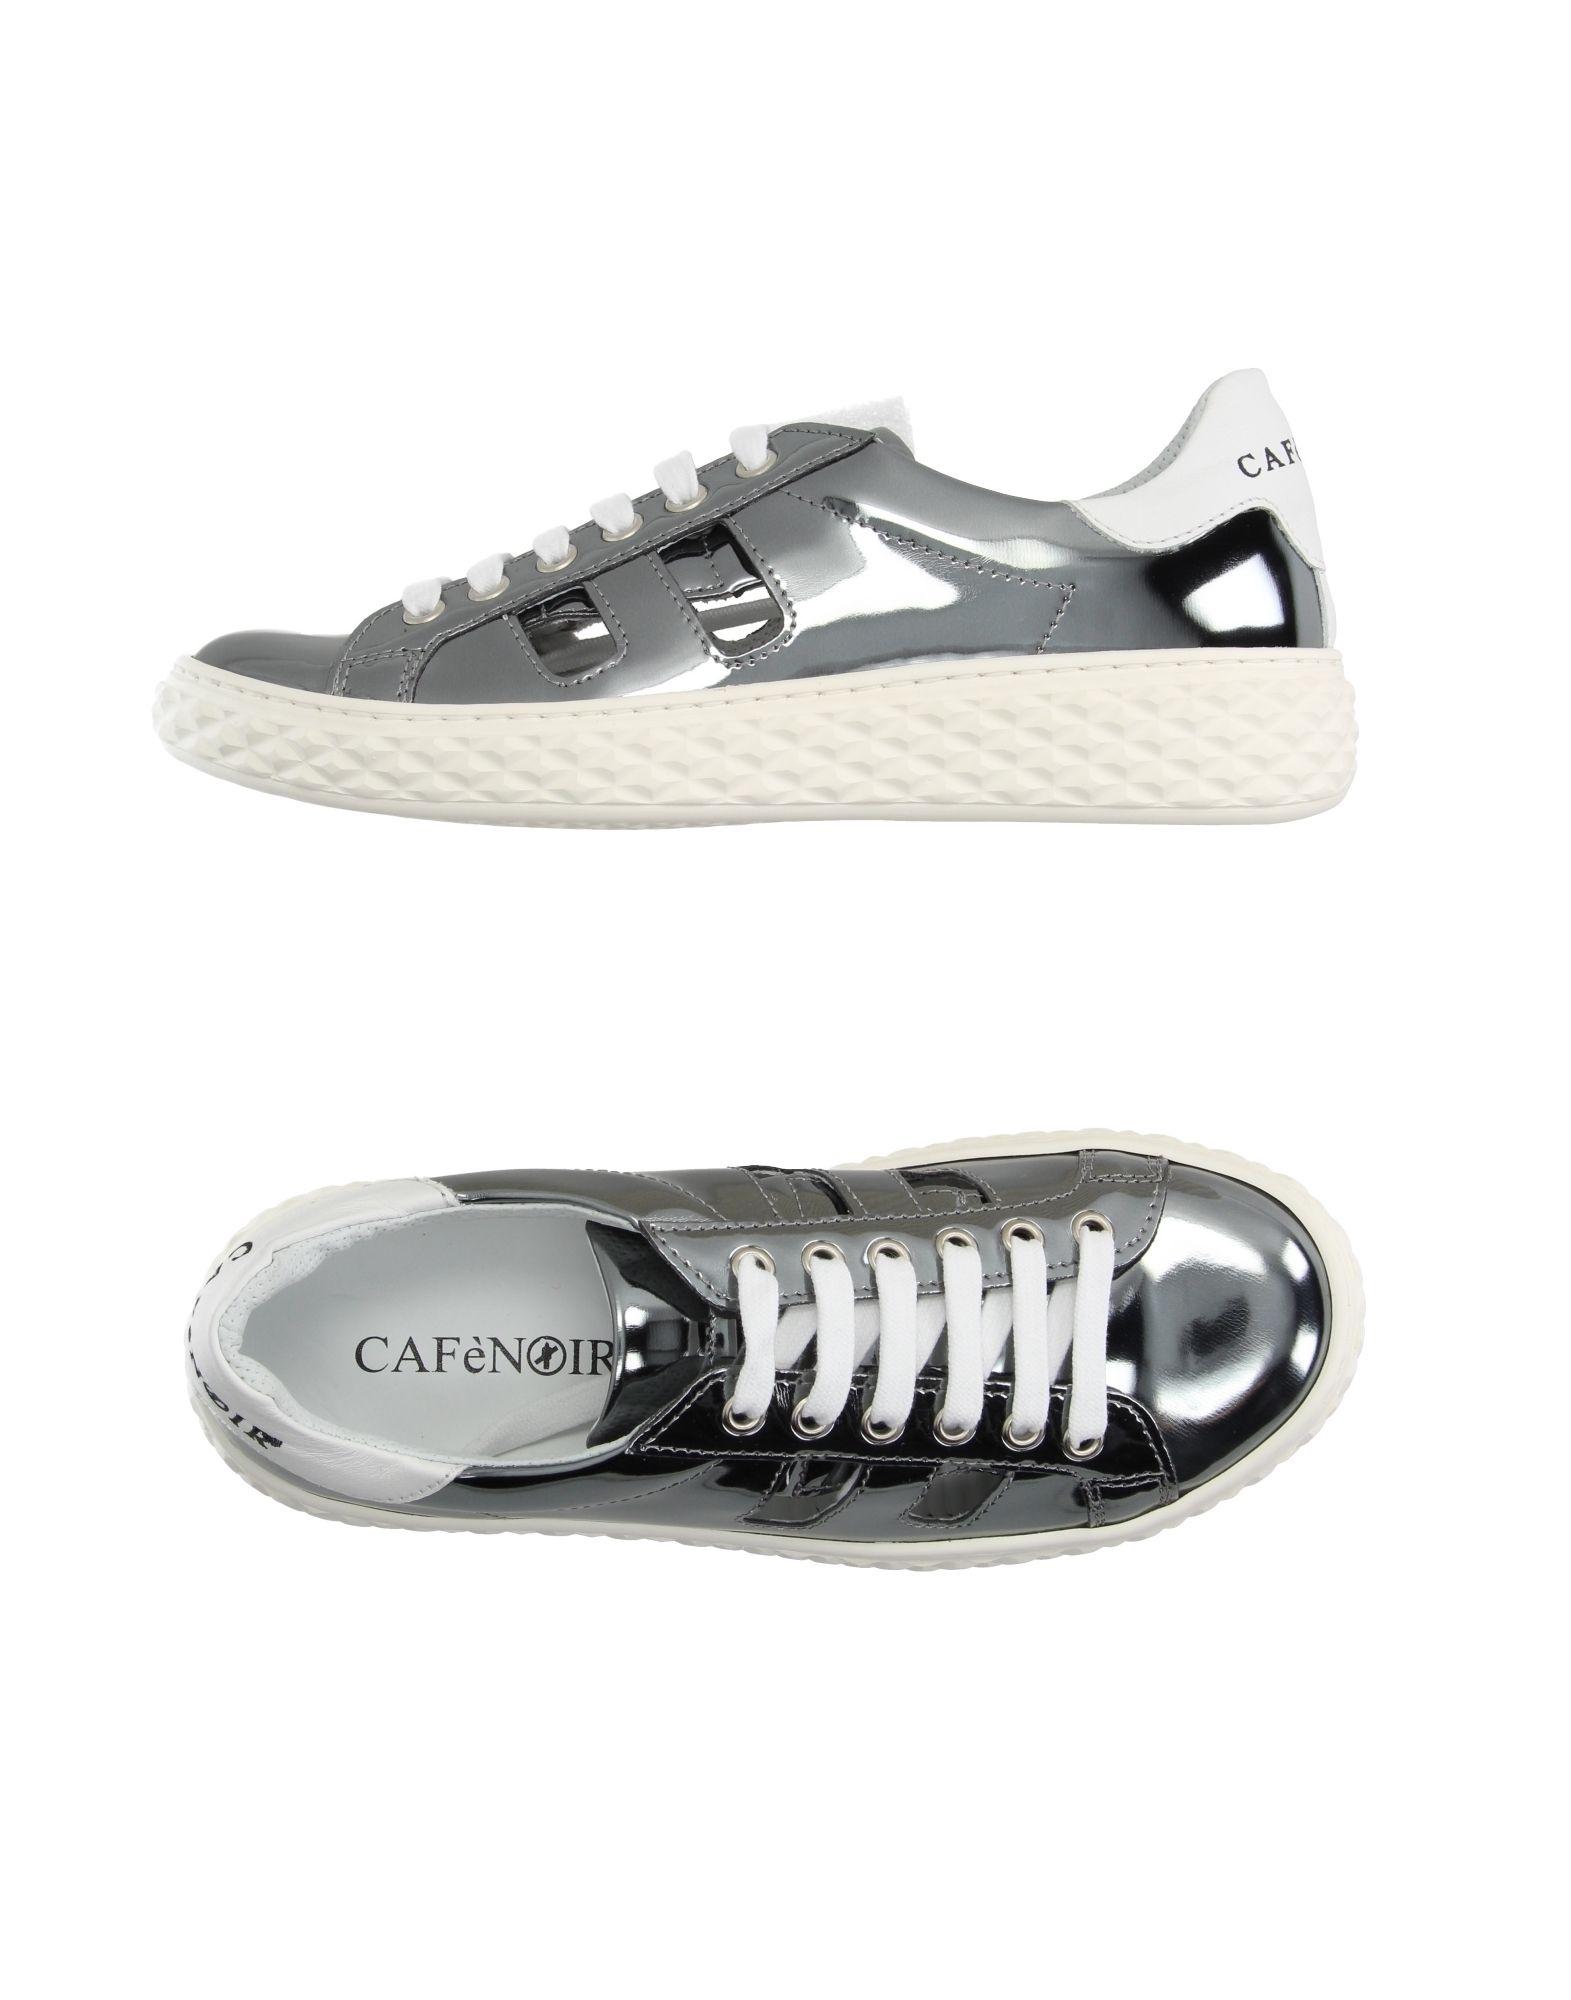 Cafènoir Sneakers Qualität Damen  11143829NW Gute Qualität Sneakers beliebte Schuhe 91da6e